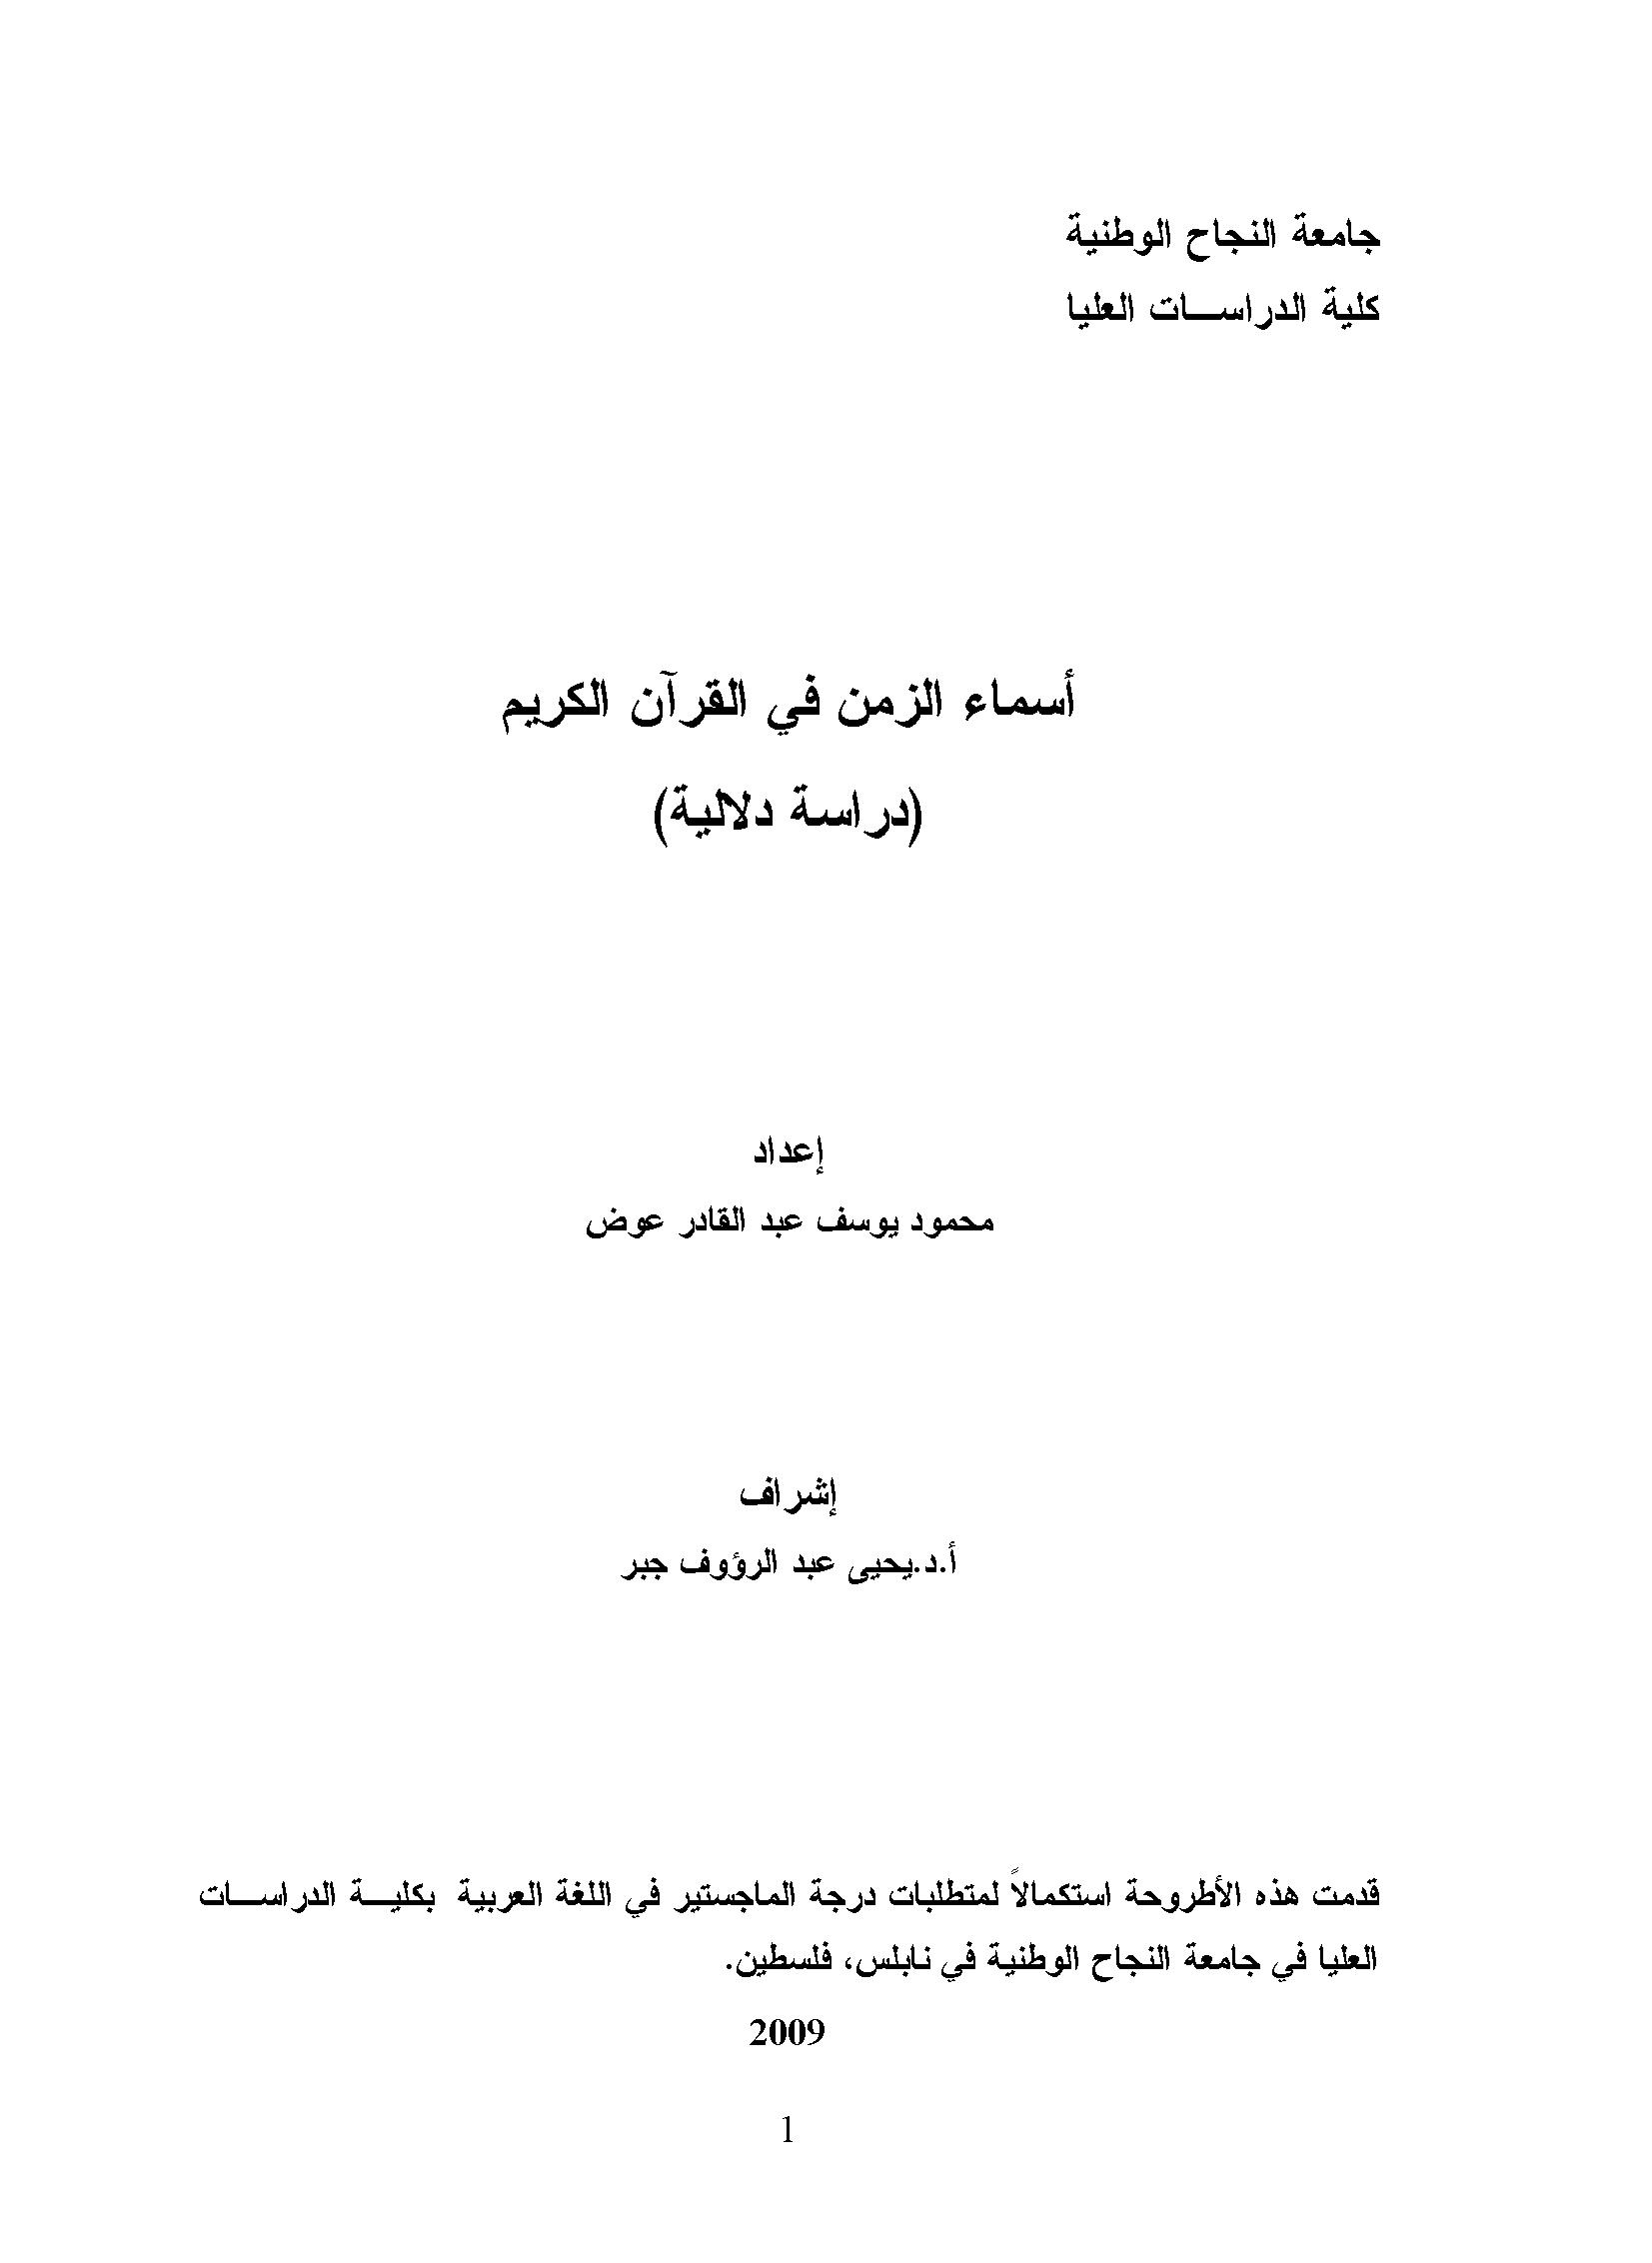 تحميل كتاب أسماء الزمن في القرآن الكريم (دراسة دلالية) لـِ: محمود يوسف عبد القادر عوض